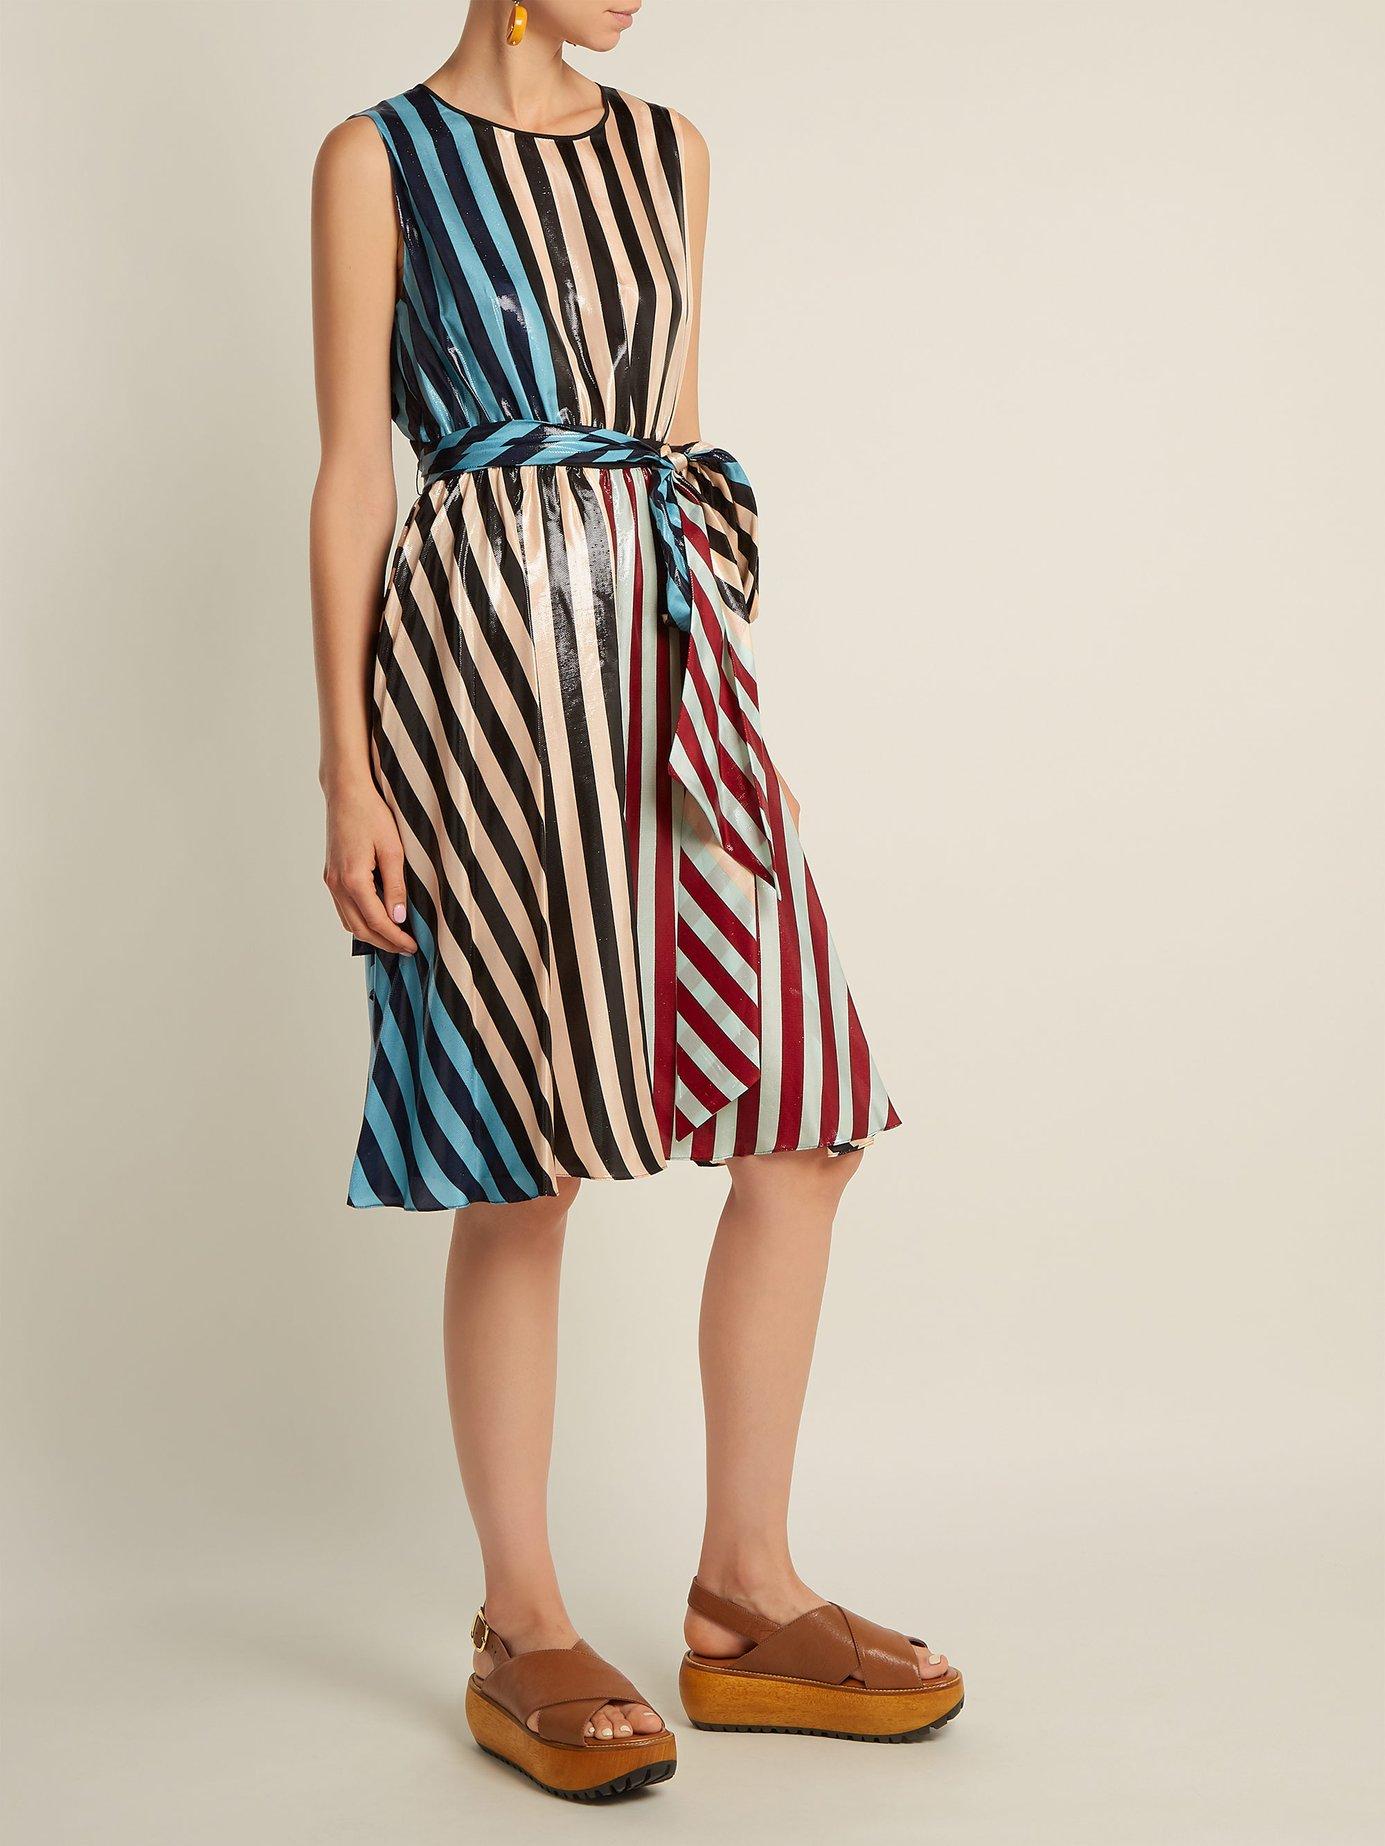 Carrington Stripe silk-blend dress by Diane Von Furstenberg